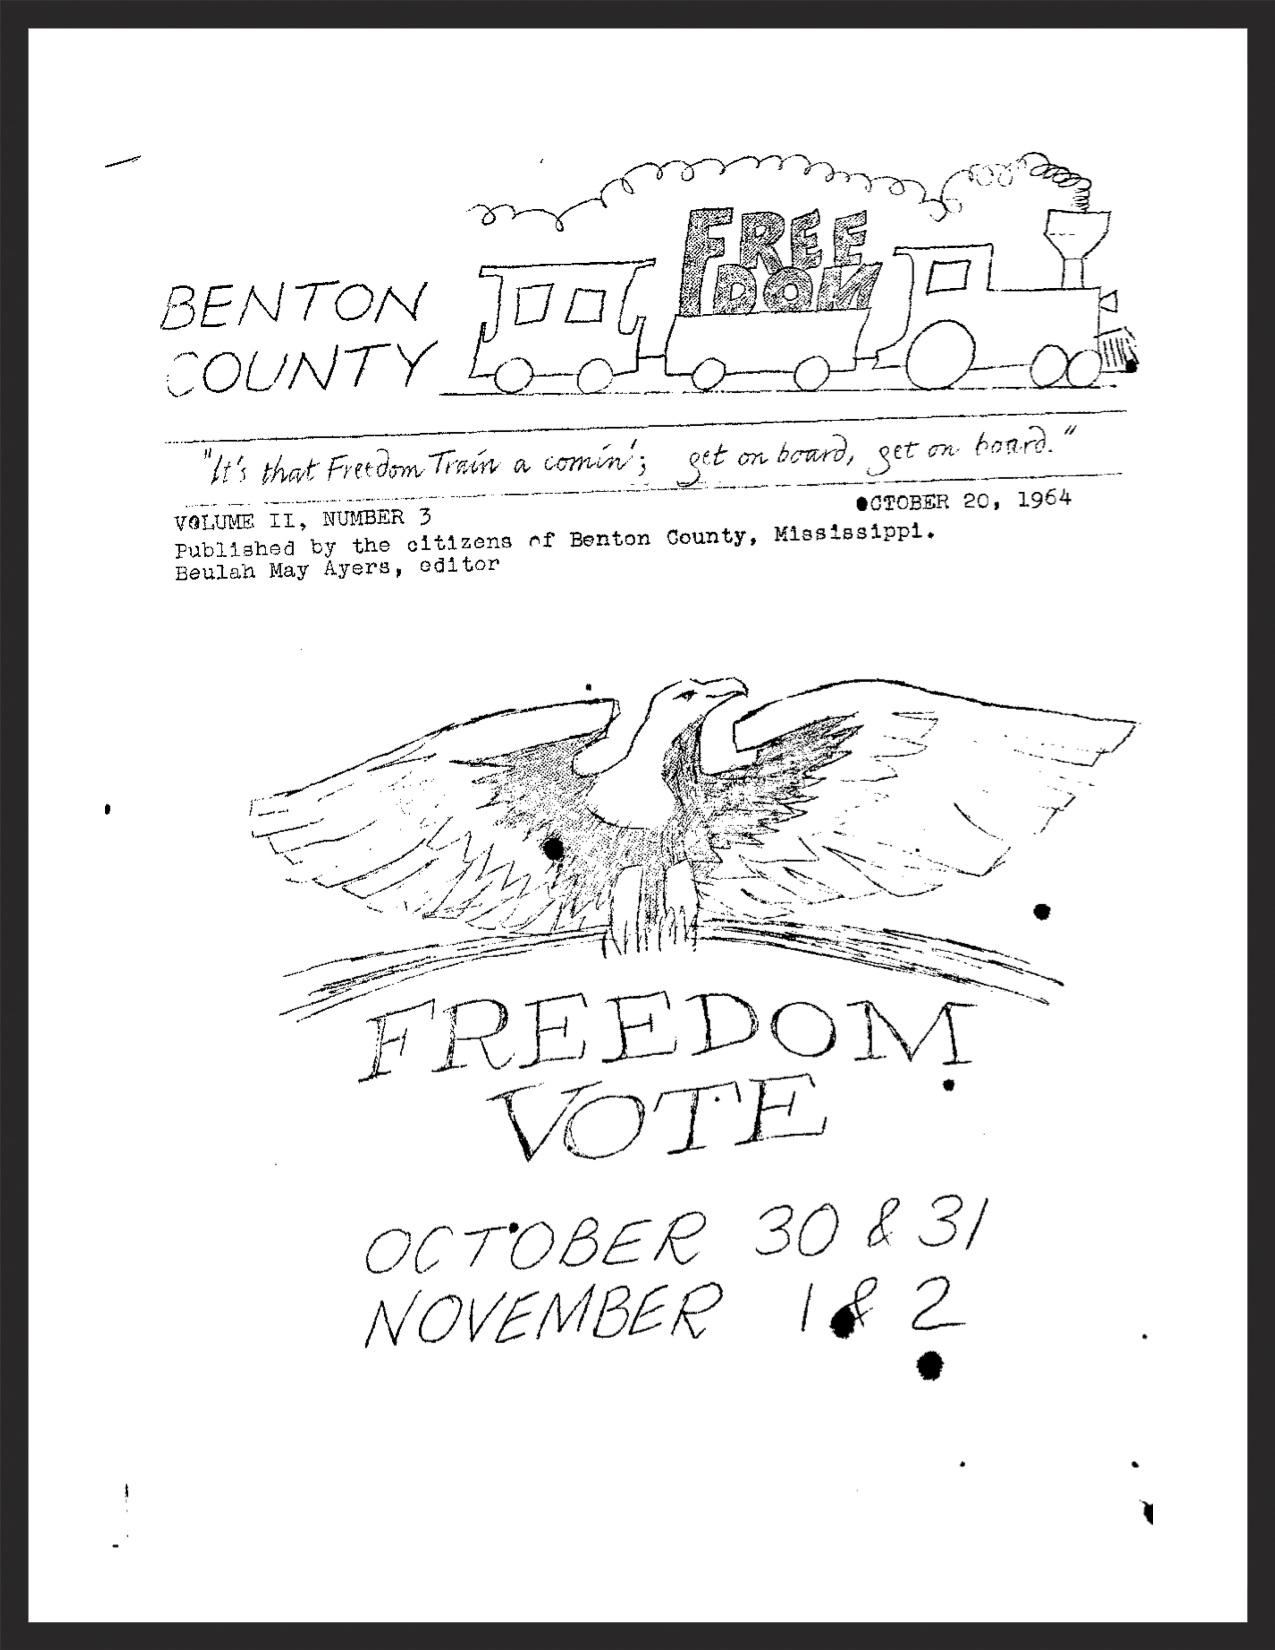 October 20, 1964